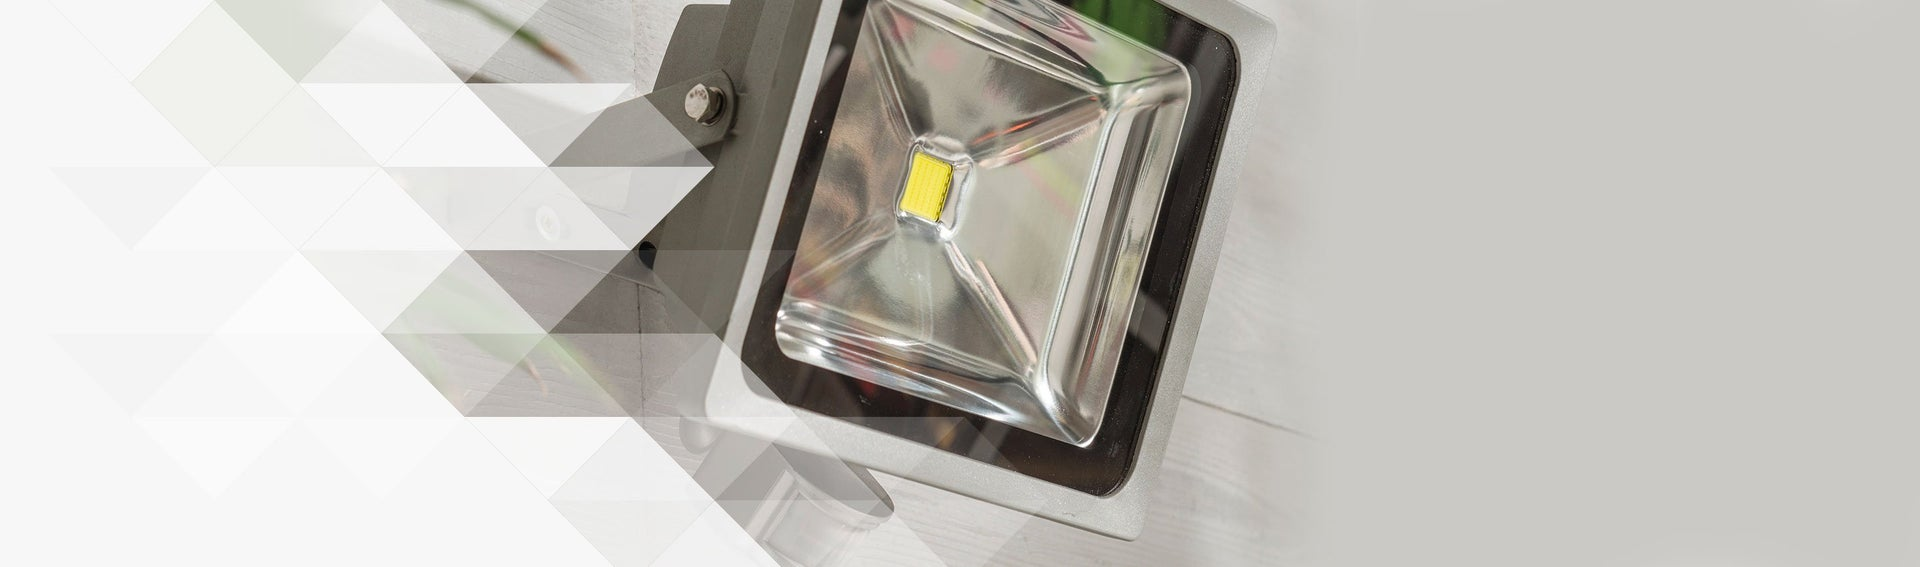 Eclairage ext rieur leroy merlin for Eclairage projecteur exterieur